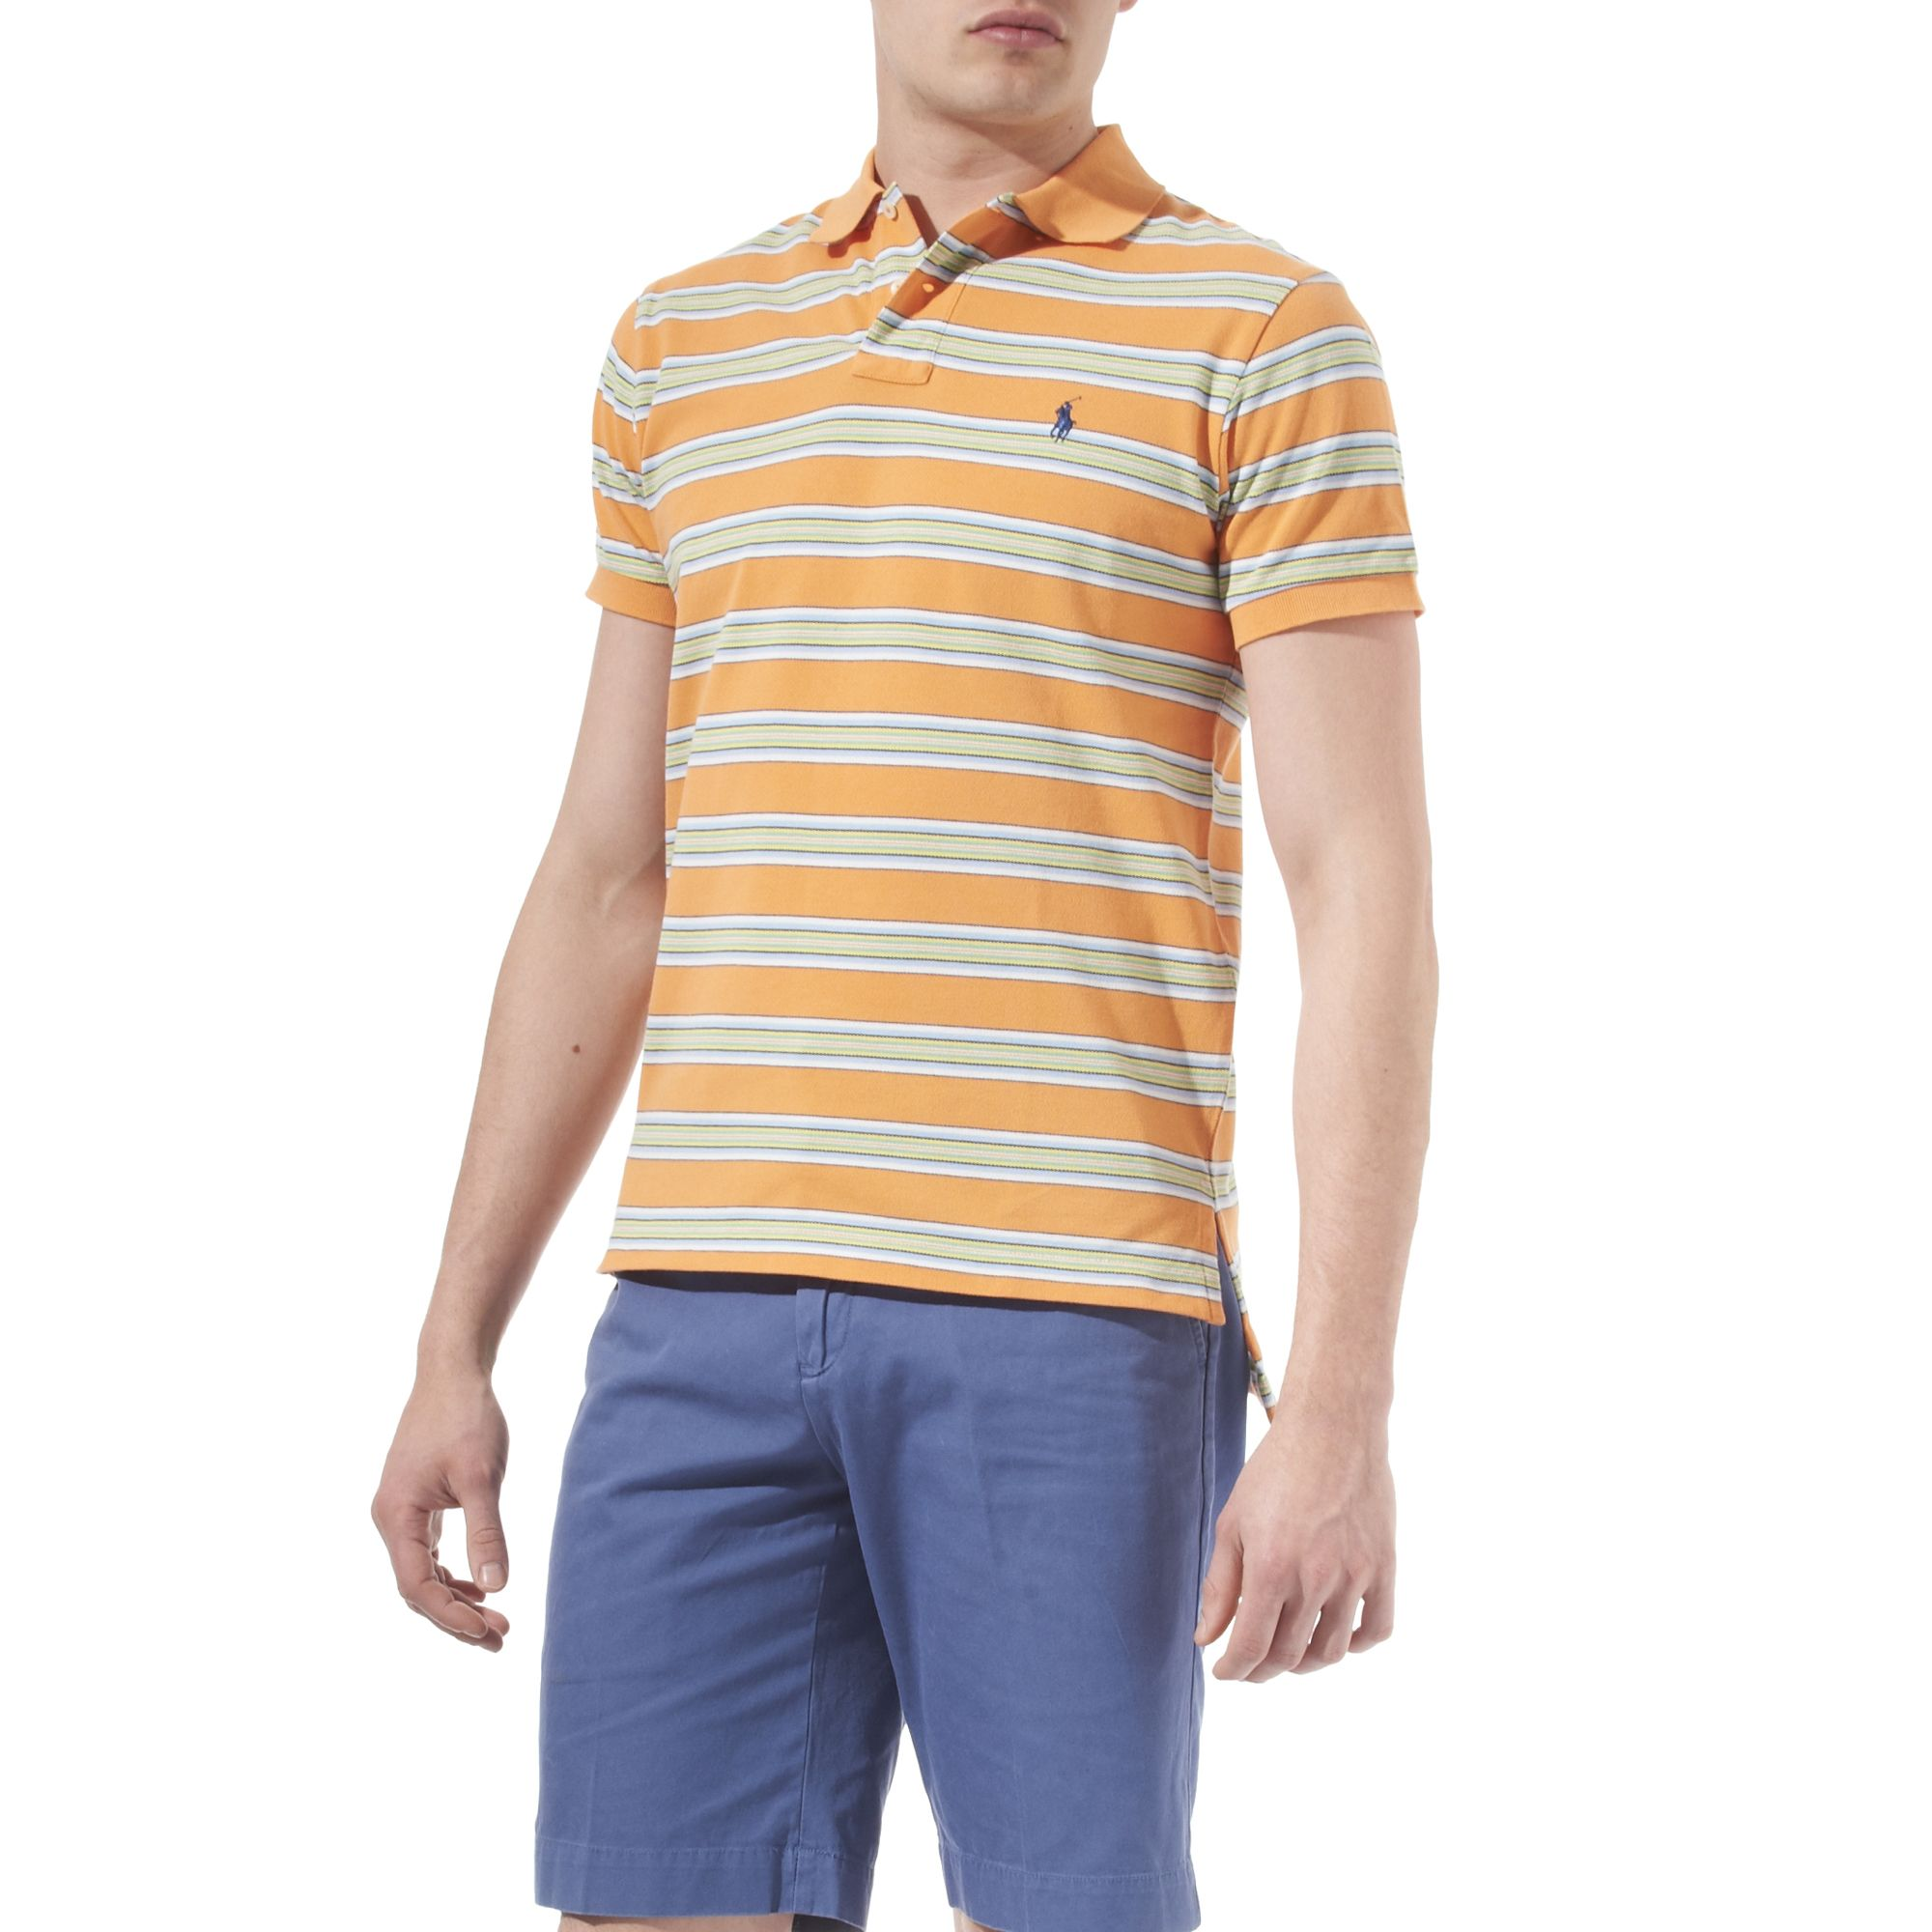 Polo Ralph Lauren Cotton Classic Fit Striped Pastel Shirt